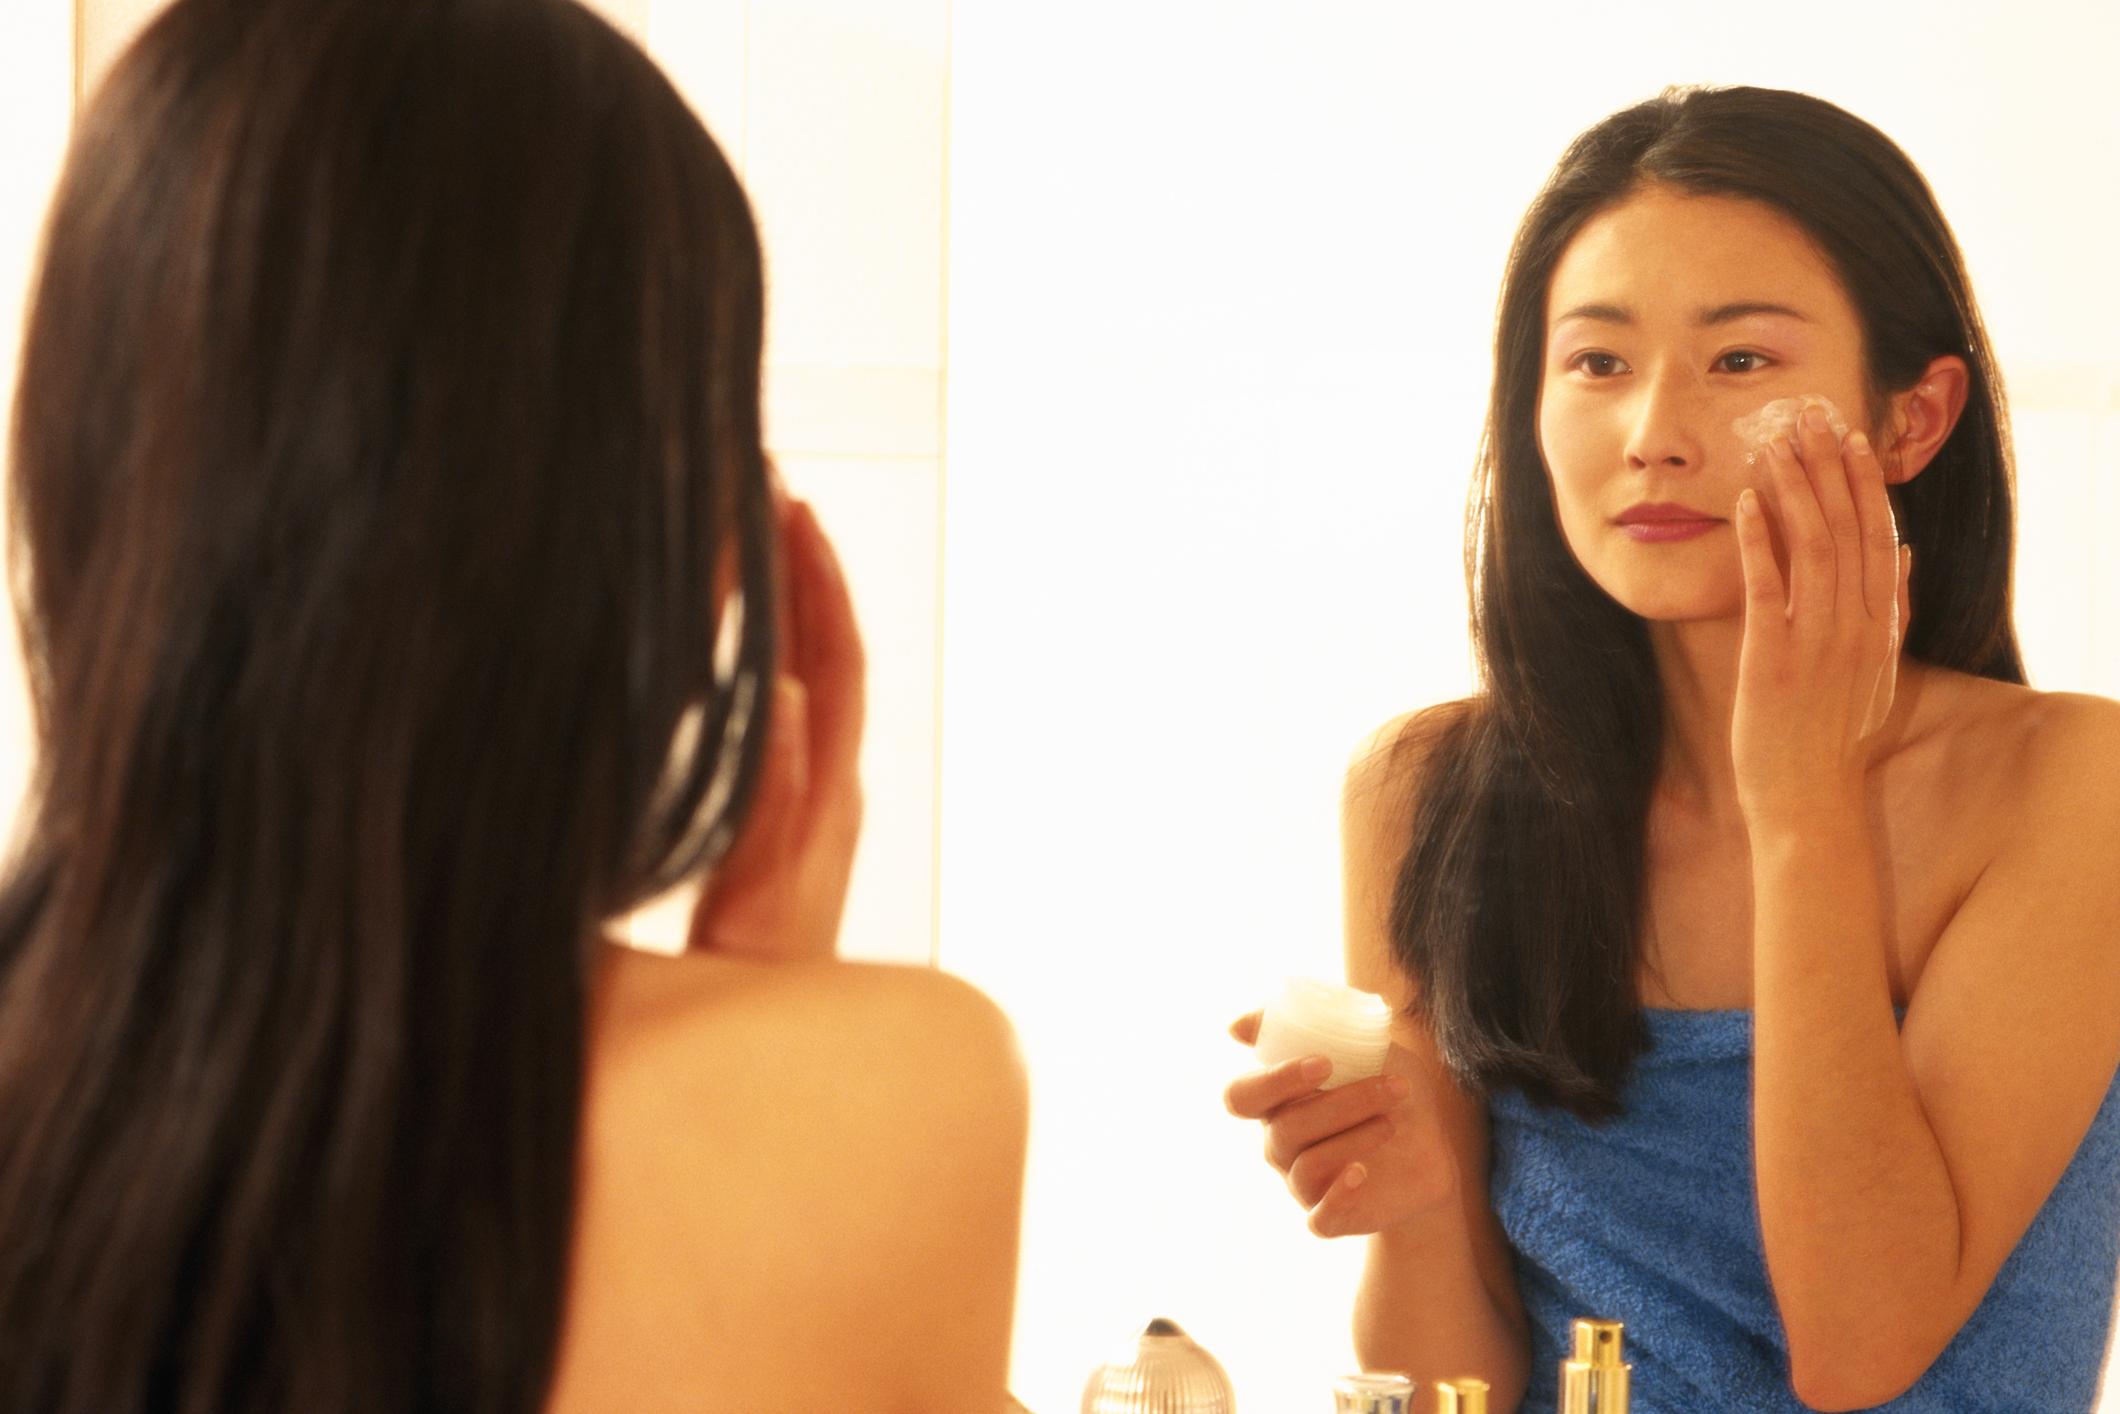 Hábitos diários para reduzir linhas de expressão - rotina de cremes